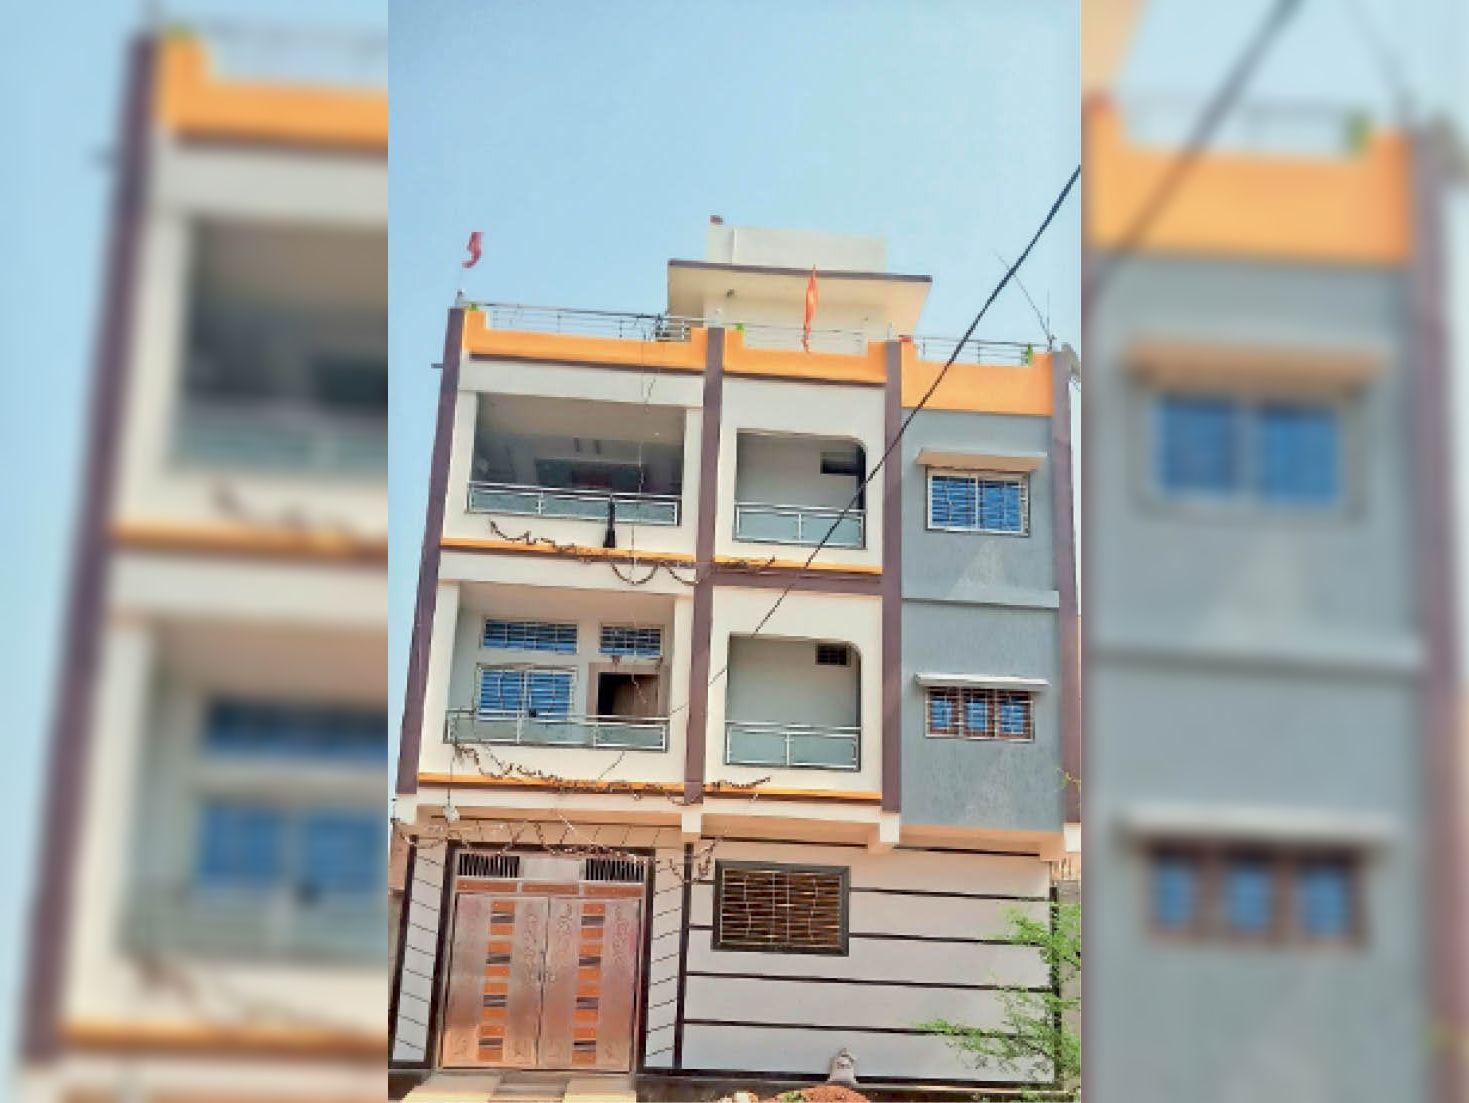 जिला केंद्रीय सहकारी बैंक (सीसीबी) शाखा कोलारस के कैशियर राकेश पाराशर का आलीशान घर। - Dainik Bhaskar